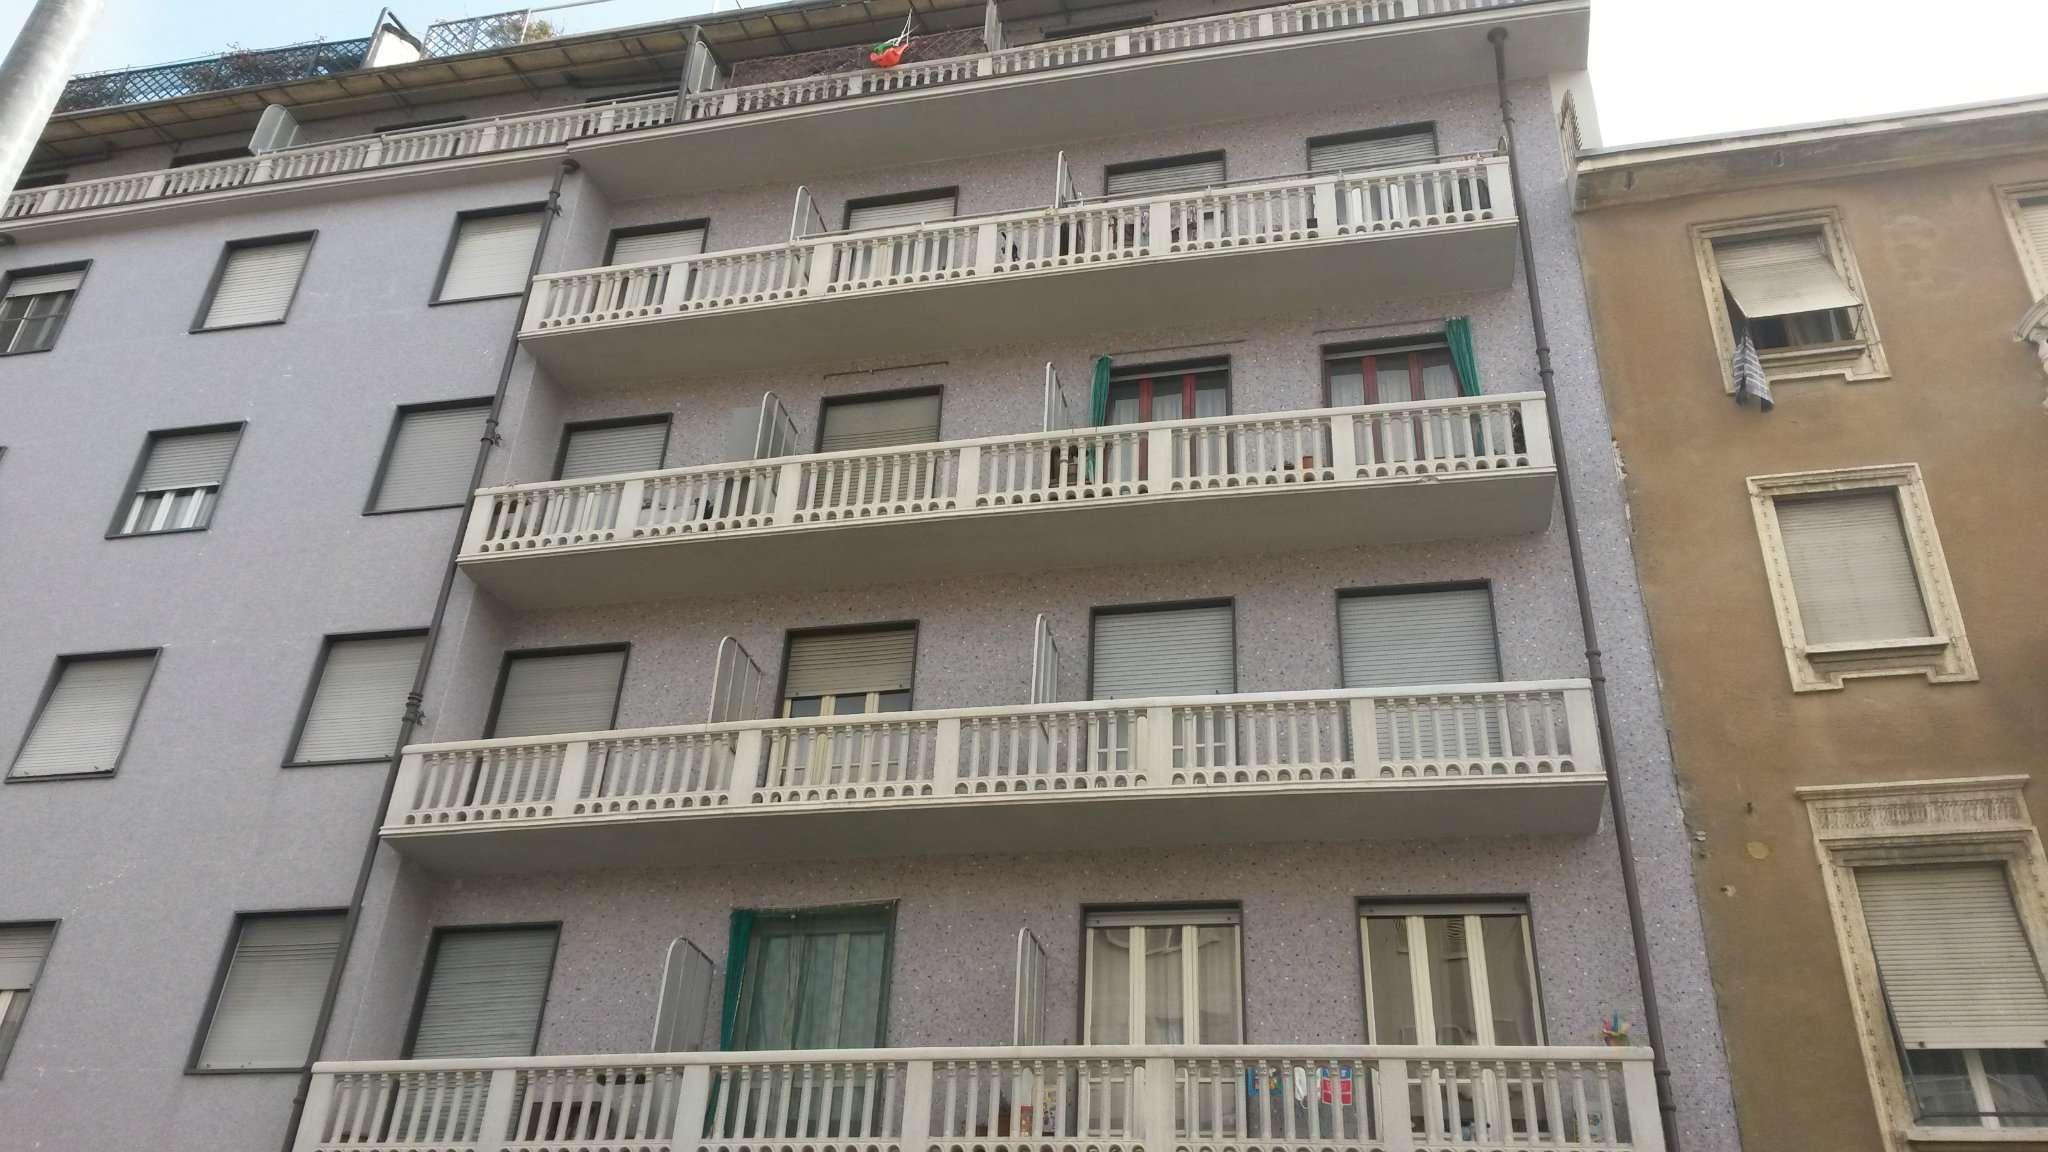 Appartamento in vendita a Torino, 3 locali, zona Zona: 6 . Lingotto, prezzo € 85.000 | CambioCasa.it